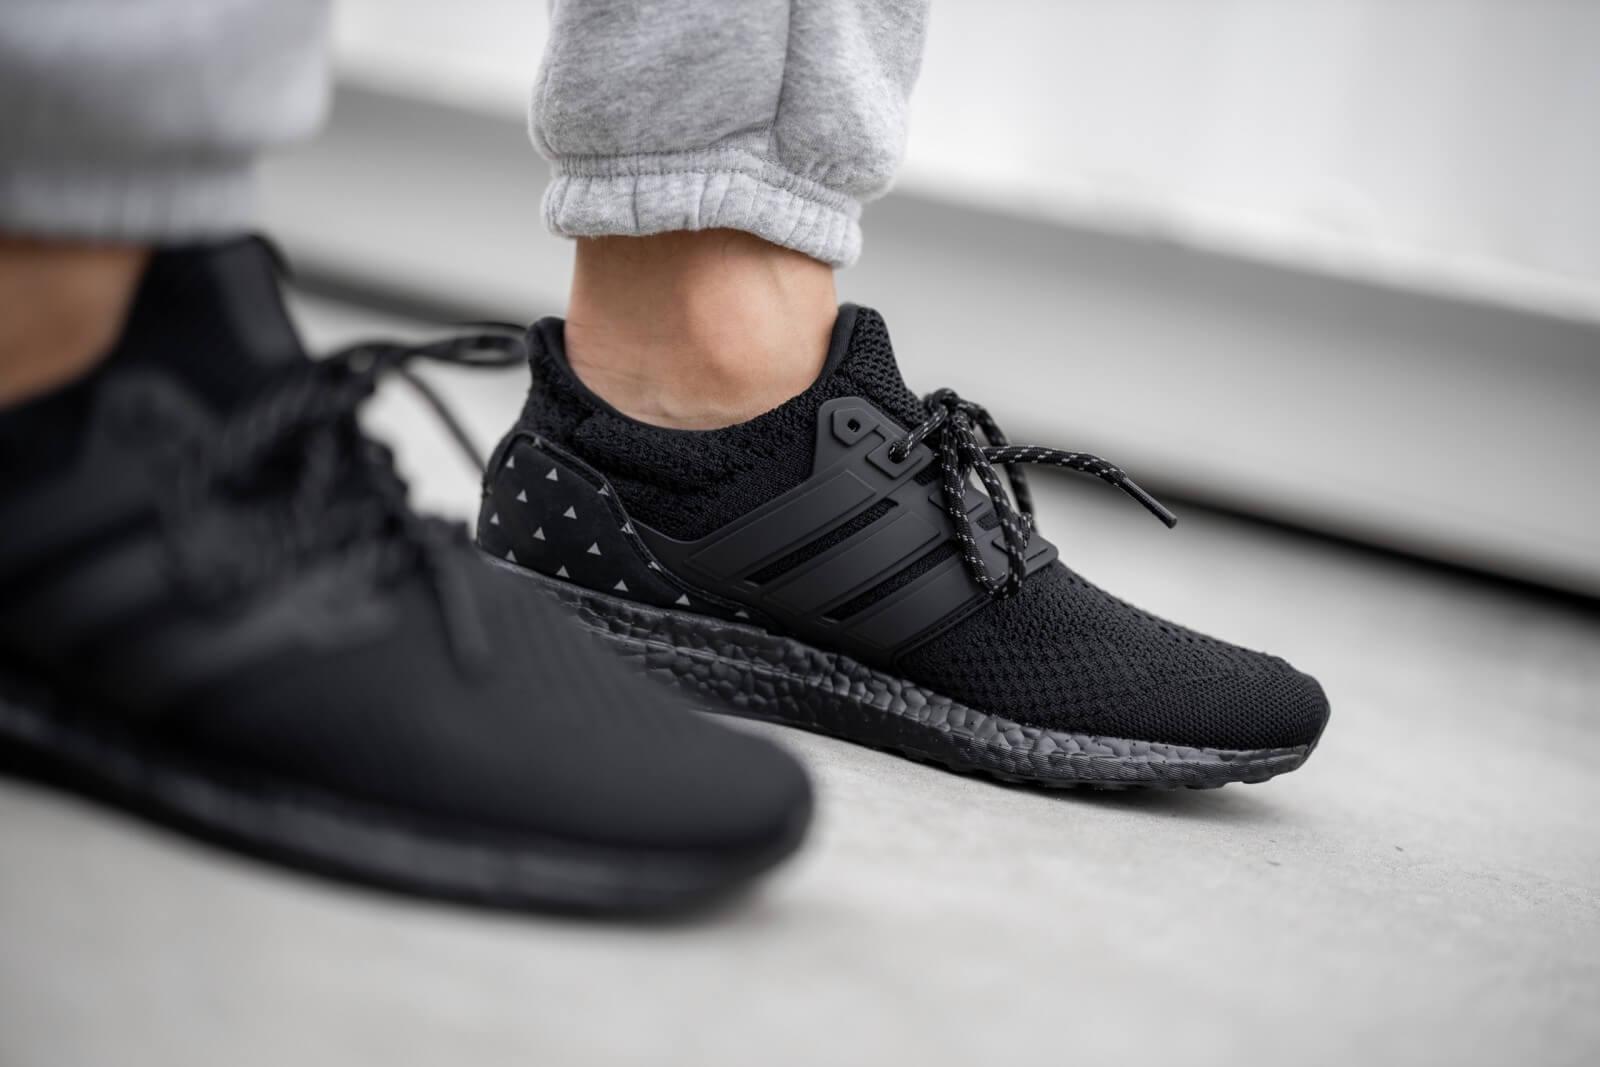 Adidas x Pharrell Williams Hu UltraBoost DNA Triple Black